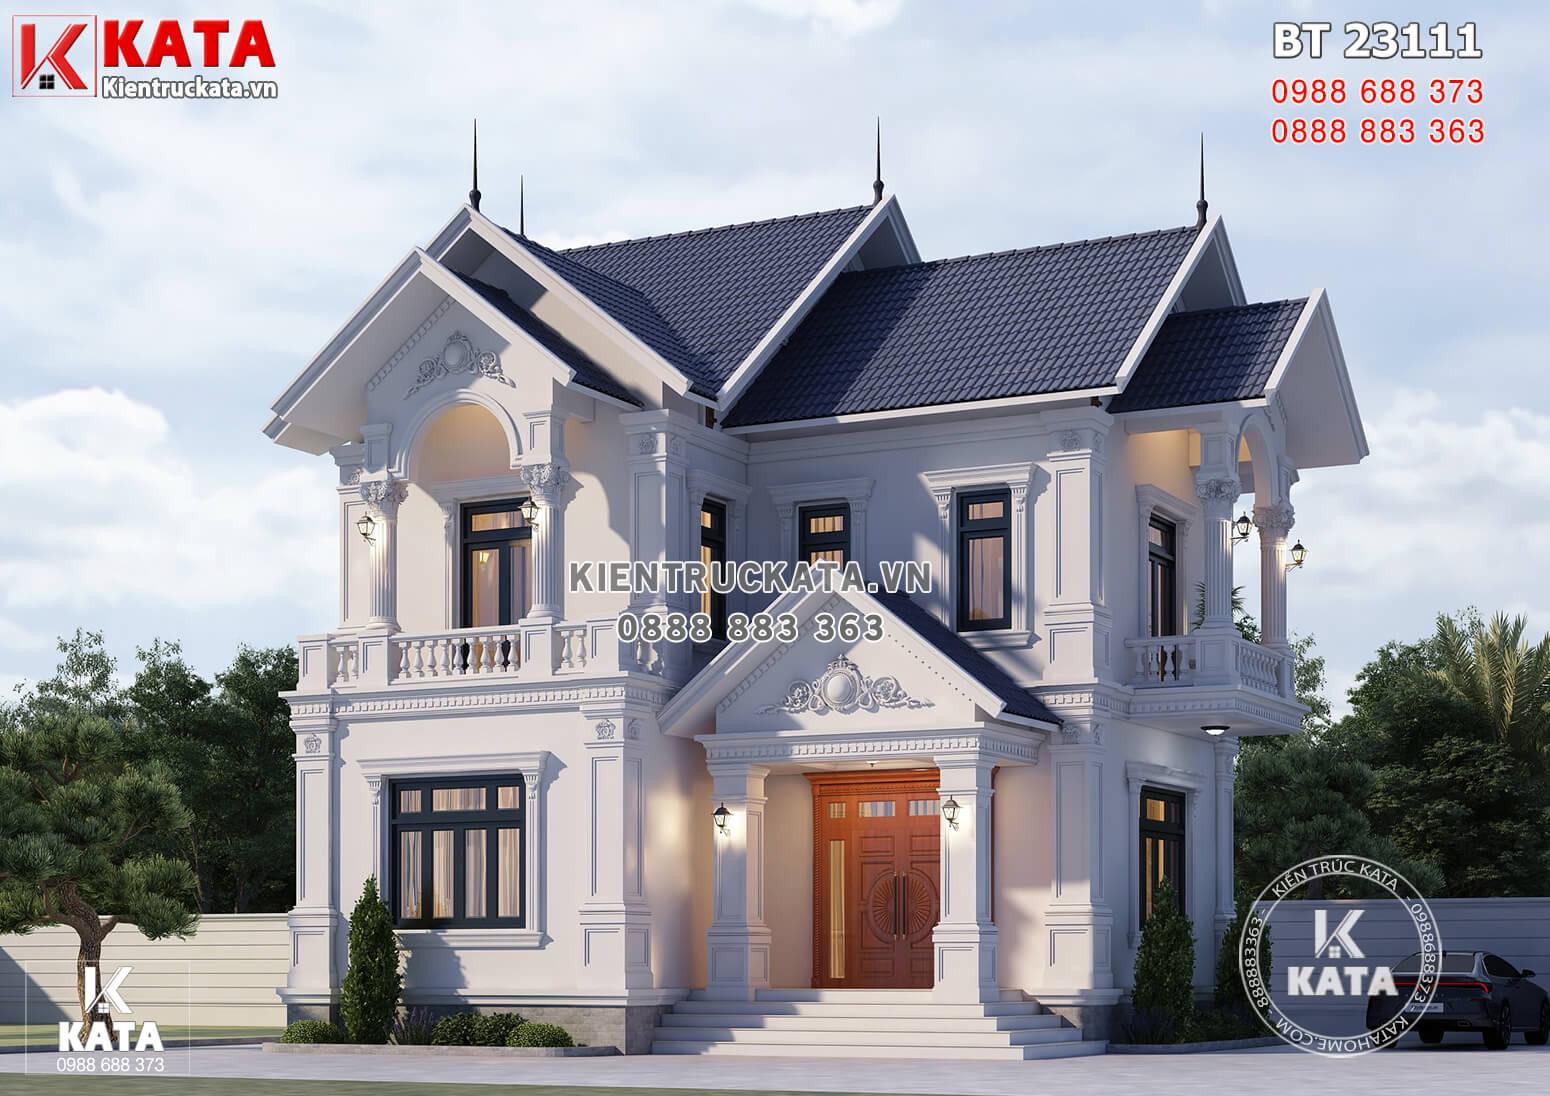 Phối cảnh 3D ngoại thất đẹp mẫu thiết kế nhà 2 tầng 80m2 kiến trúc Pháp sang trọng